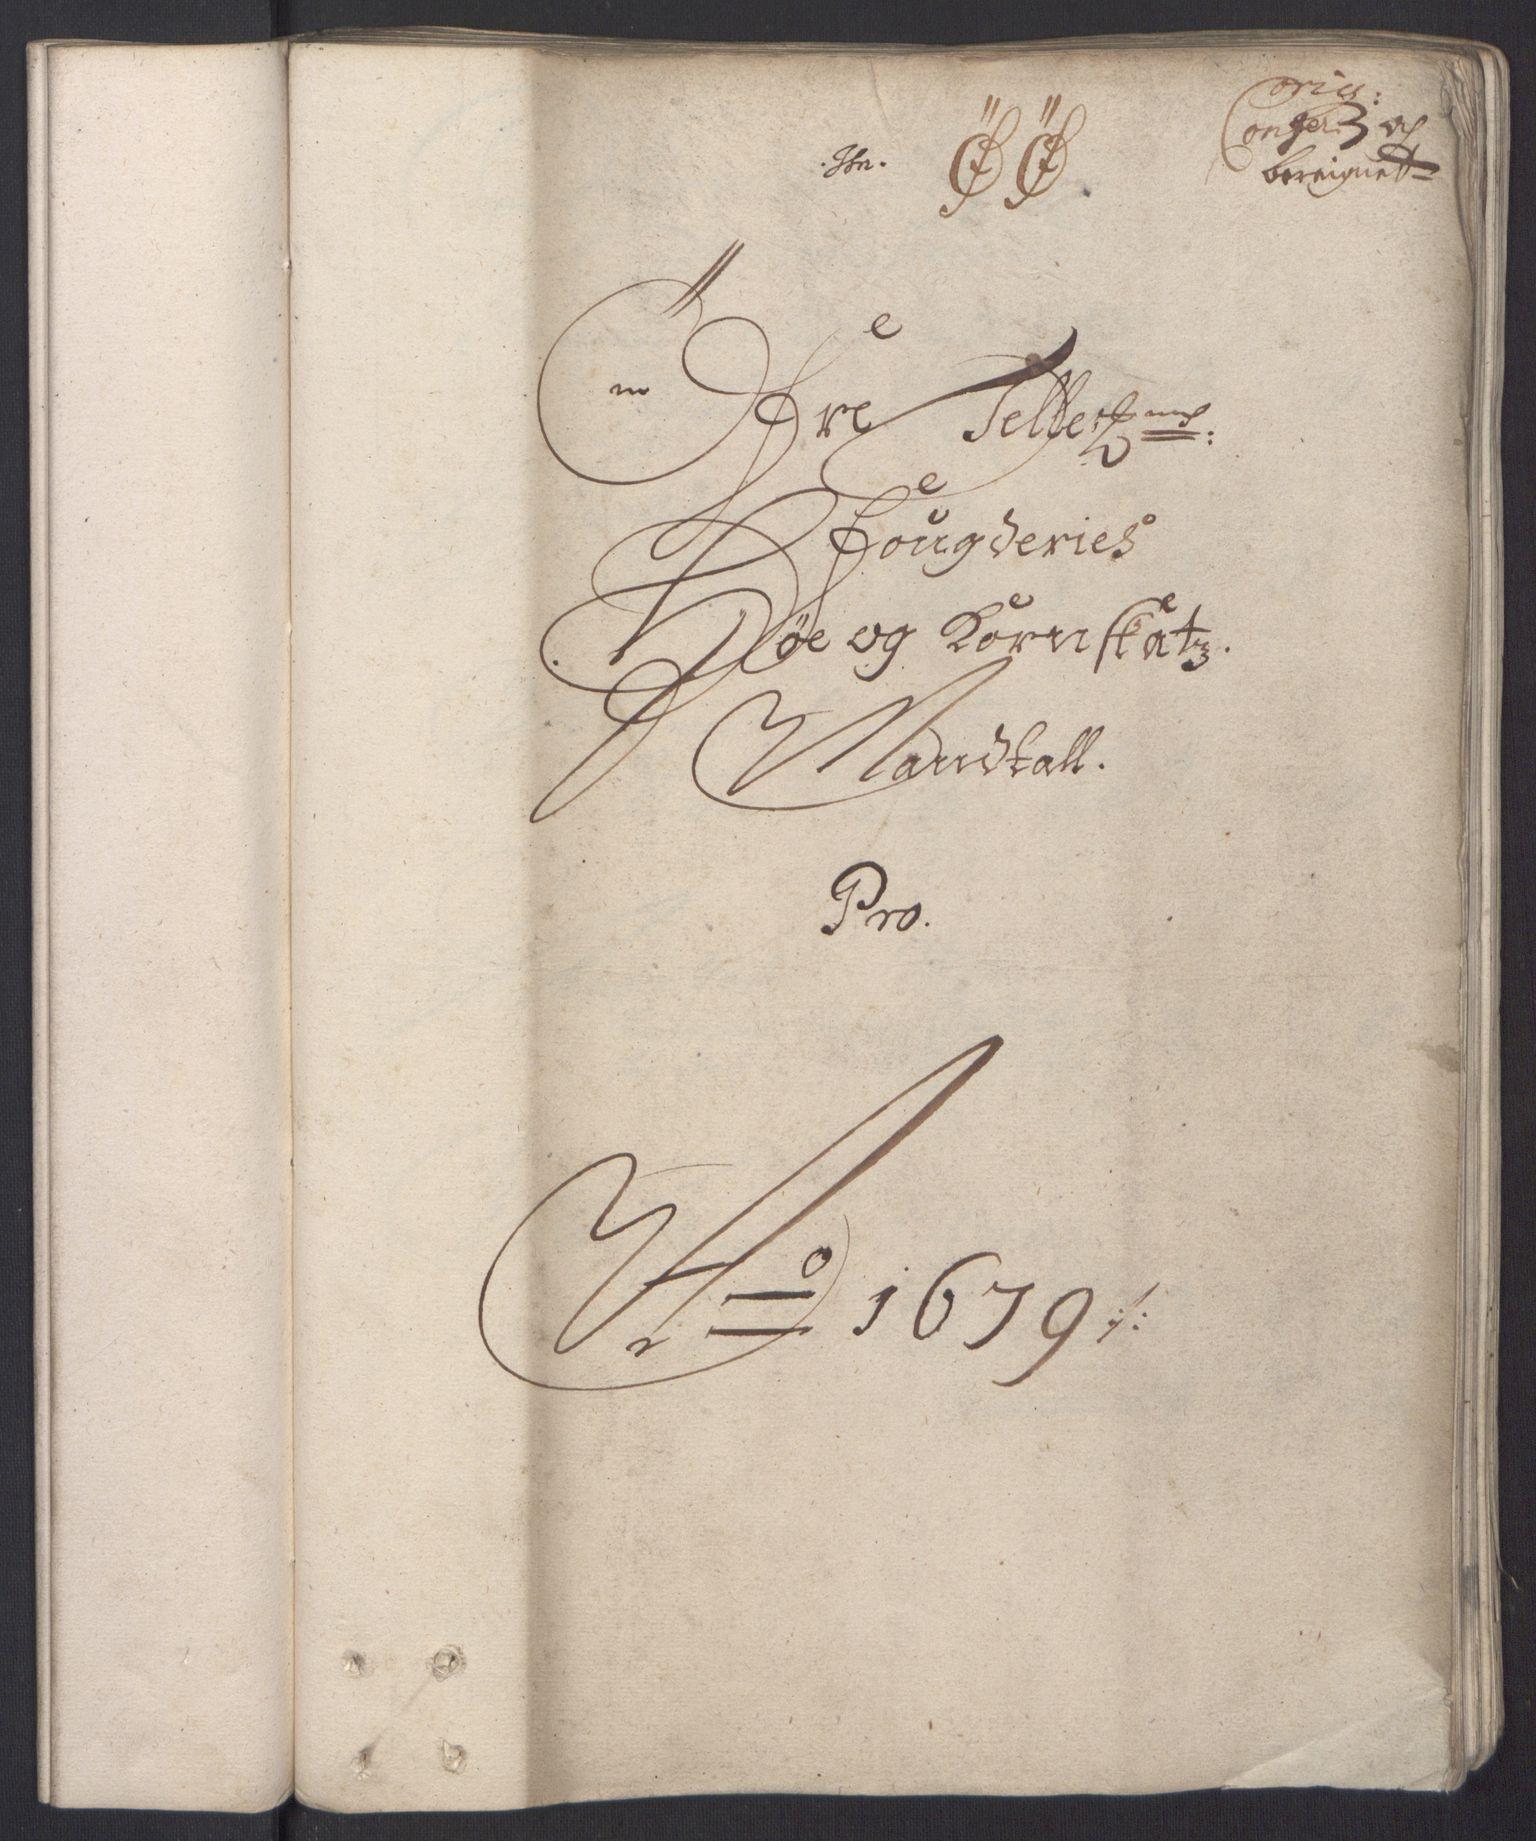 RA, Rentekammeret inntil 1814, Reviderte regnskaper, Fogderegnskap, R35/L2074: Fogderegnskap Øvre og Nedre Telemark, 1679, s. 82